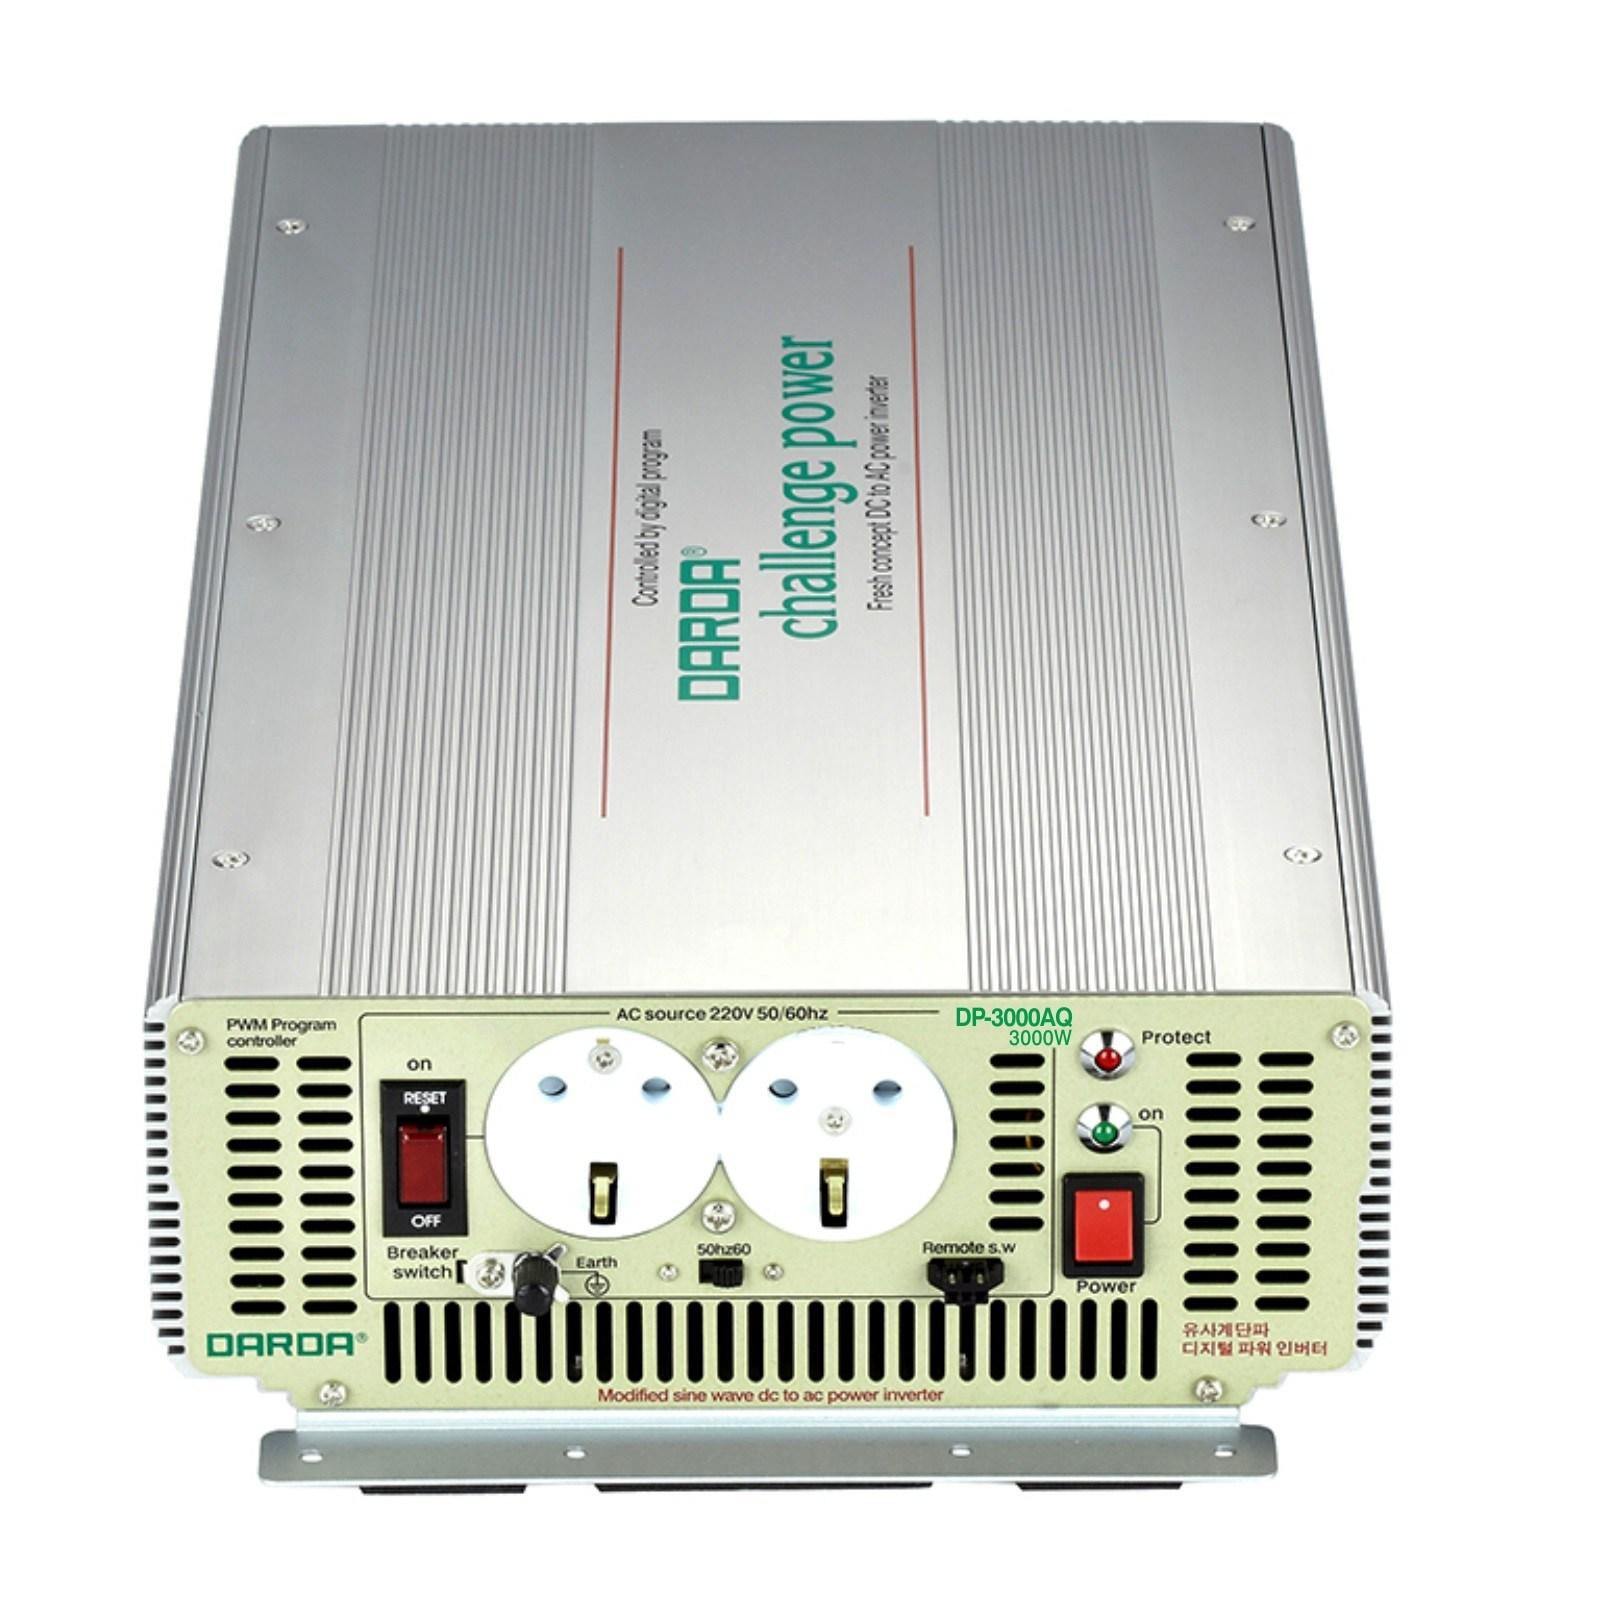 DARDA 차량용 인버터 DP-3000AQ 배터리 DC 12V 3000W 3kw 다르다 피앤케이하이테크 24V 3k 국산 정품 자동차용 안전인증, 1개